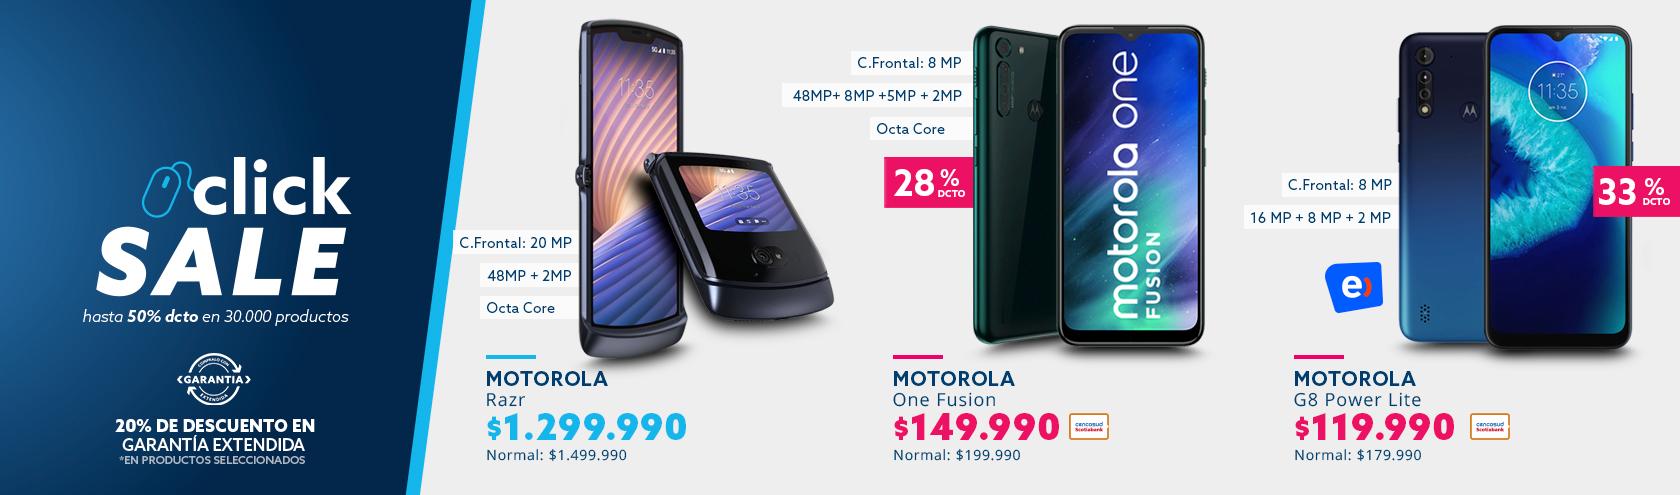 Descuentos en Smartphone Motorola